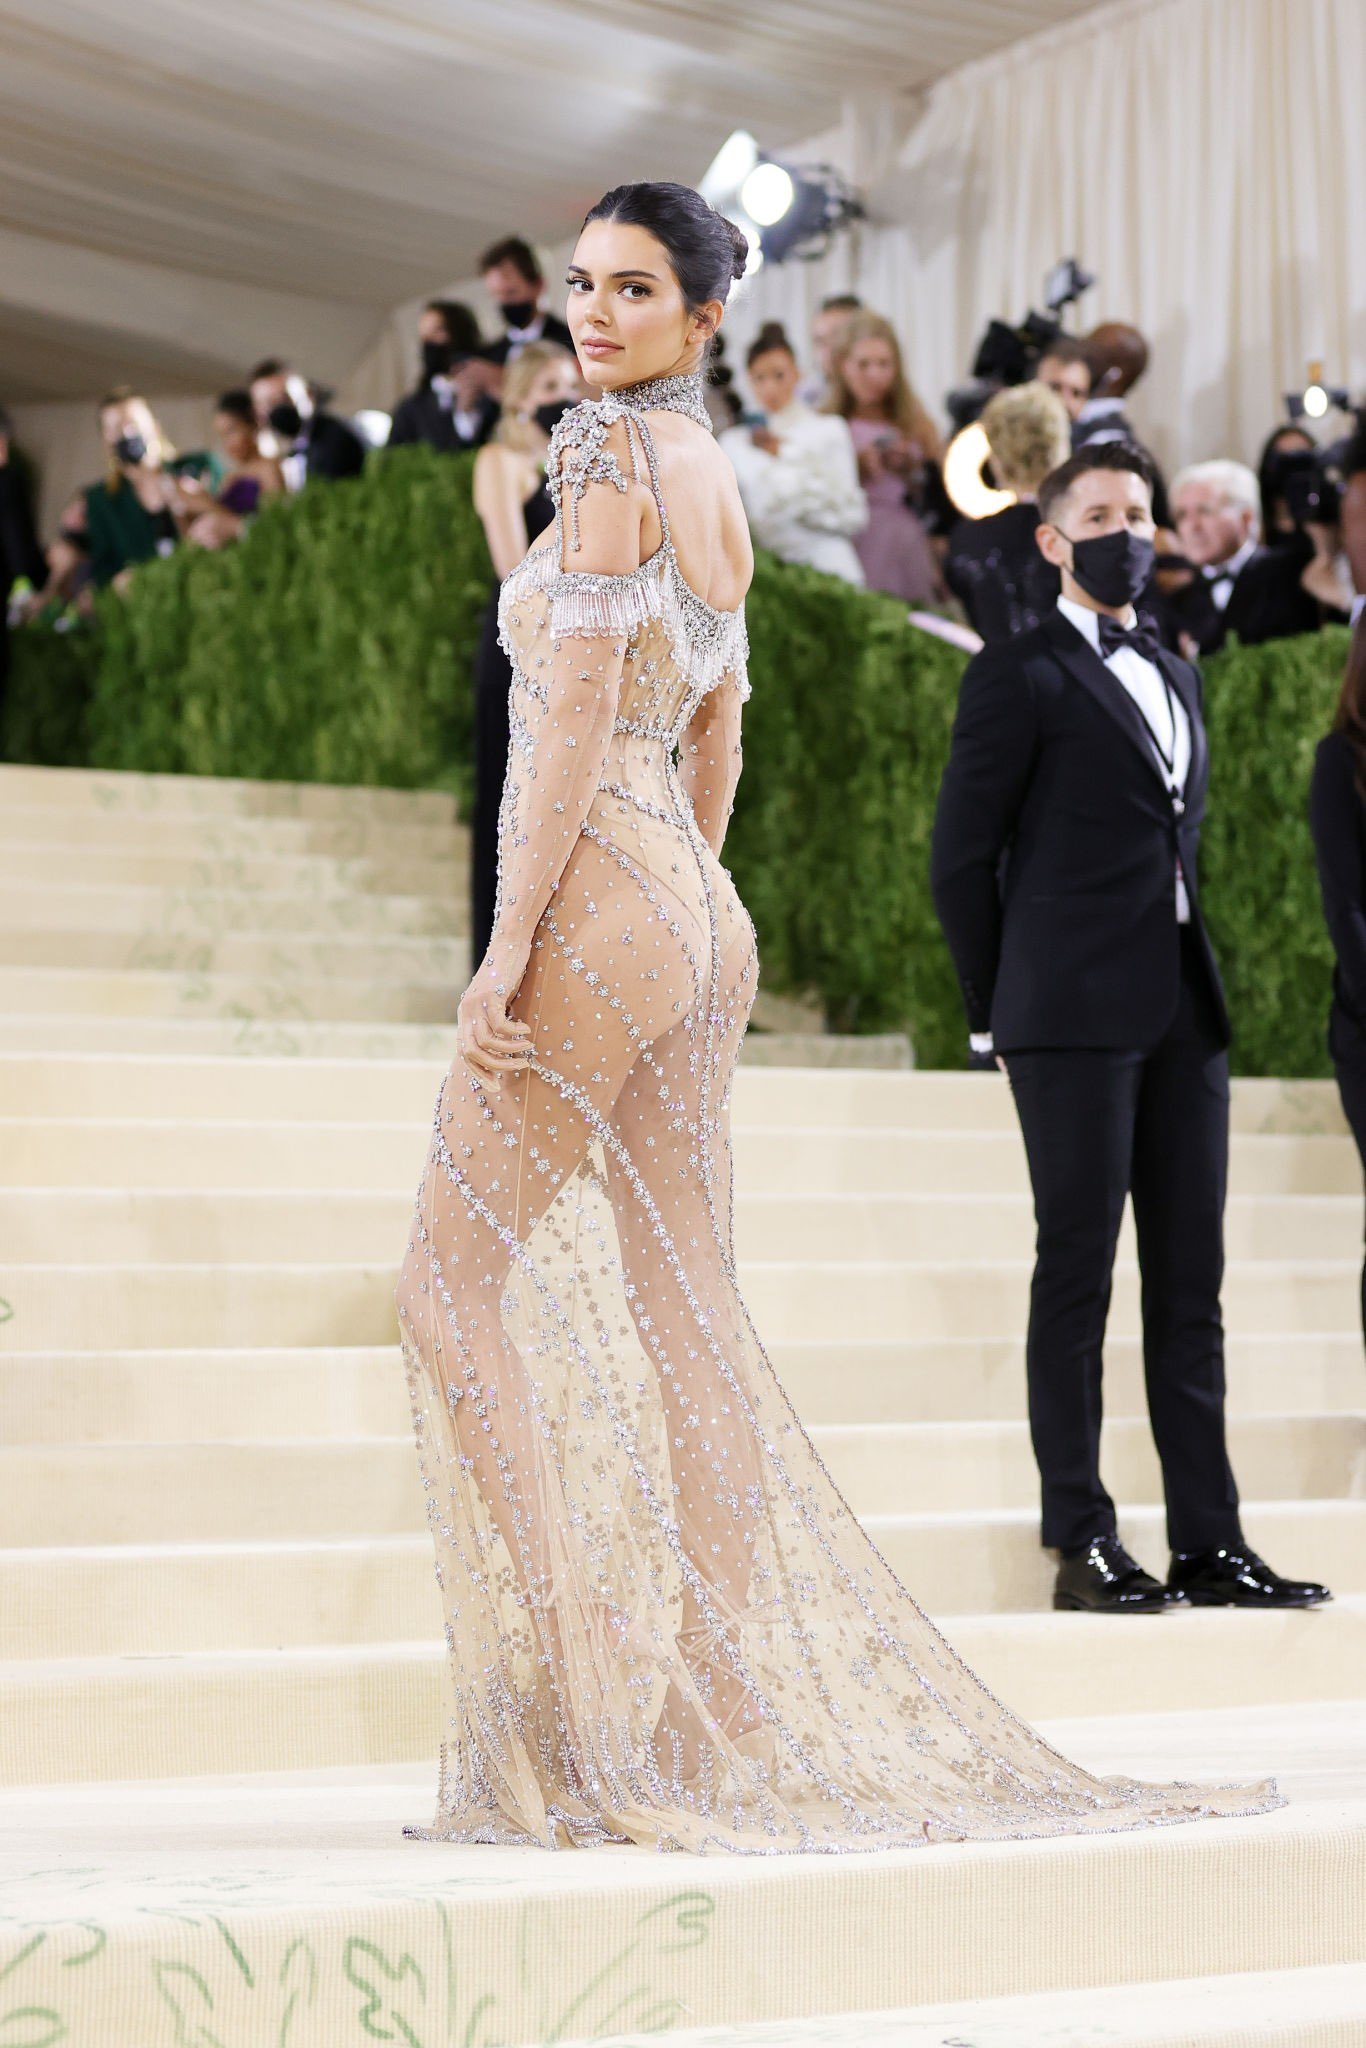 Chị em Kardashian chặt chém Met Gala: Nữ thần Kendall Jenner đẹp nghẹt thở, kéo sang Kim mà phải thốt lên Ối trời ơi! - Ảnh 8.